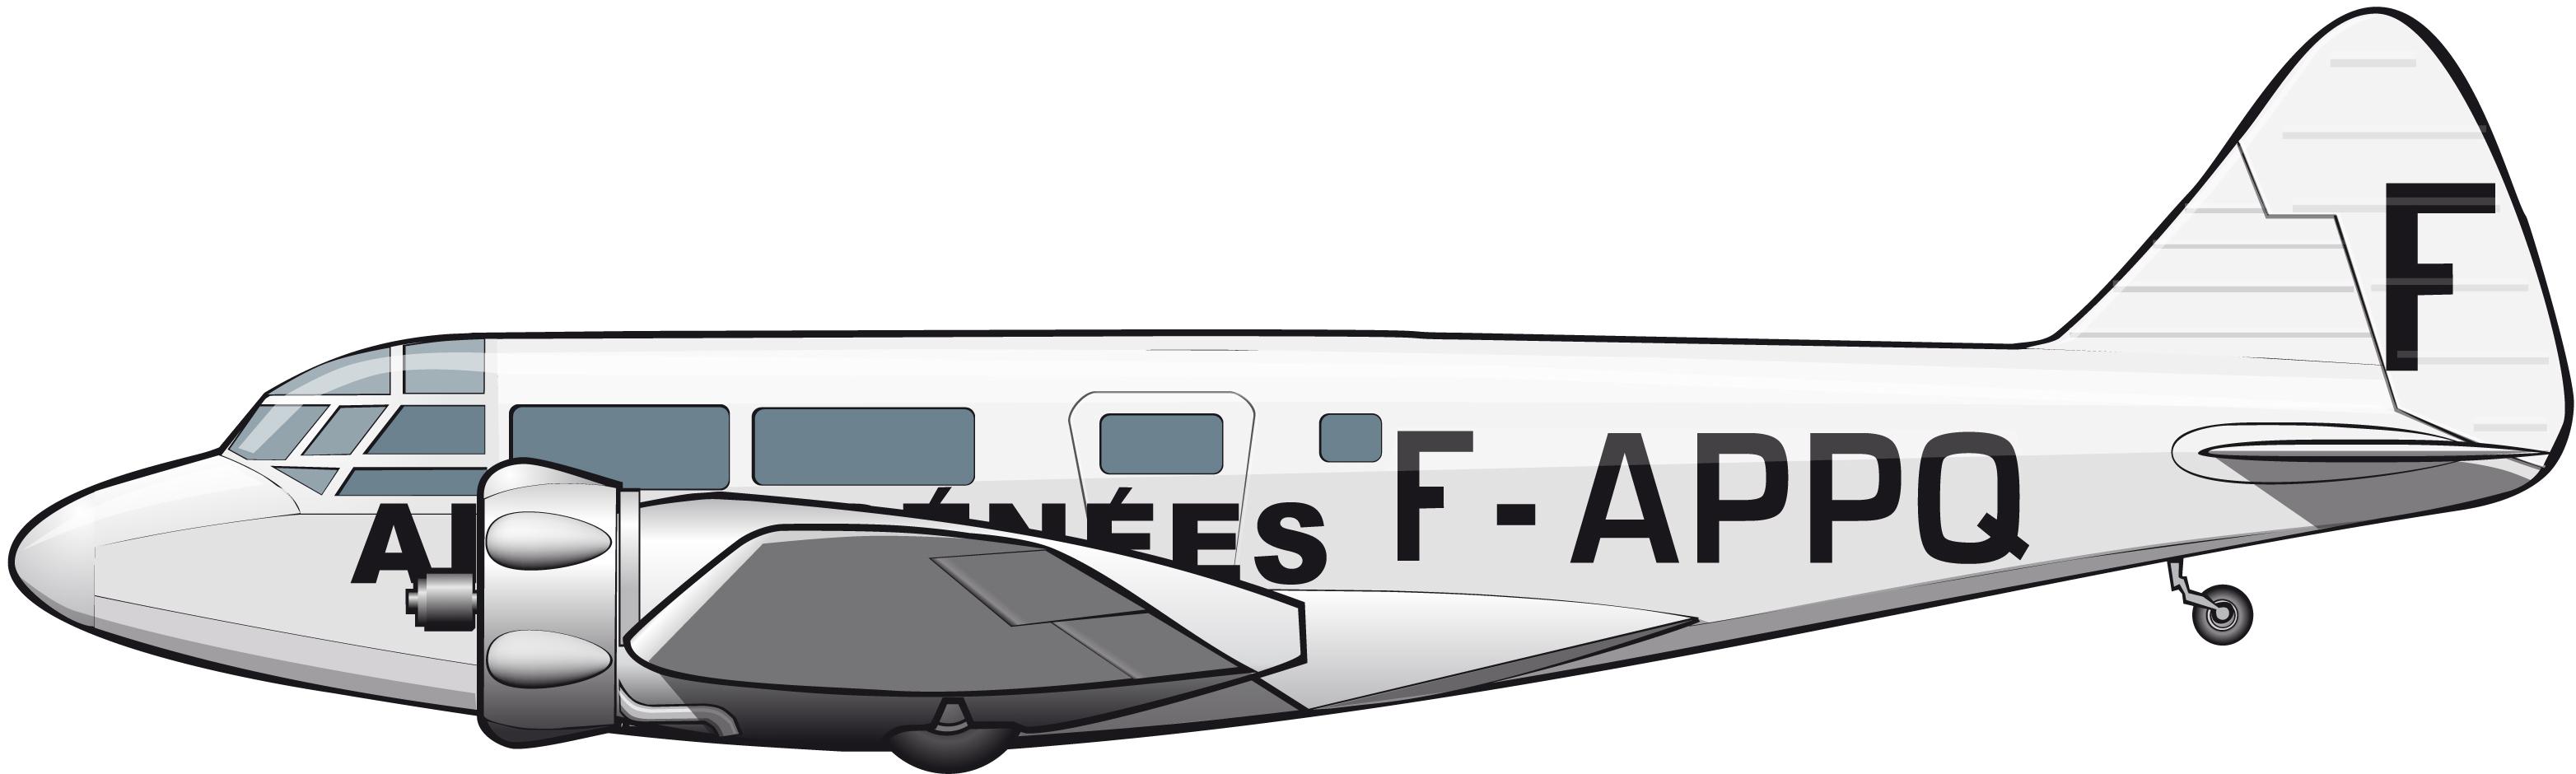 airspeedenvoyairpyr